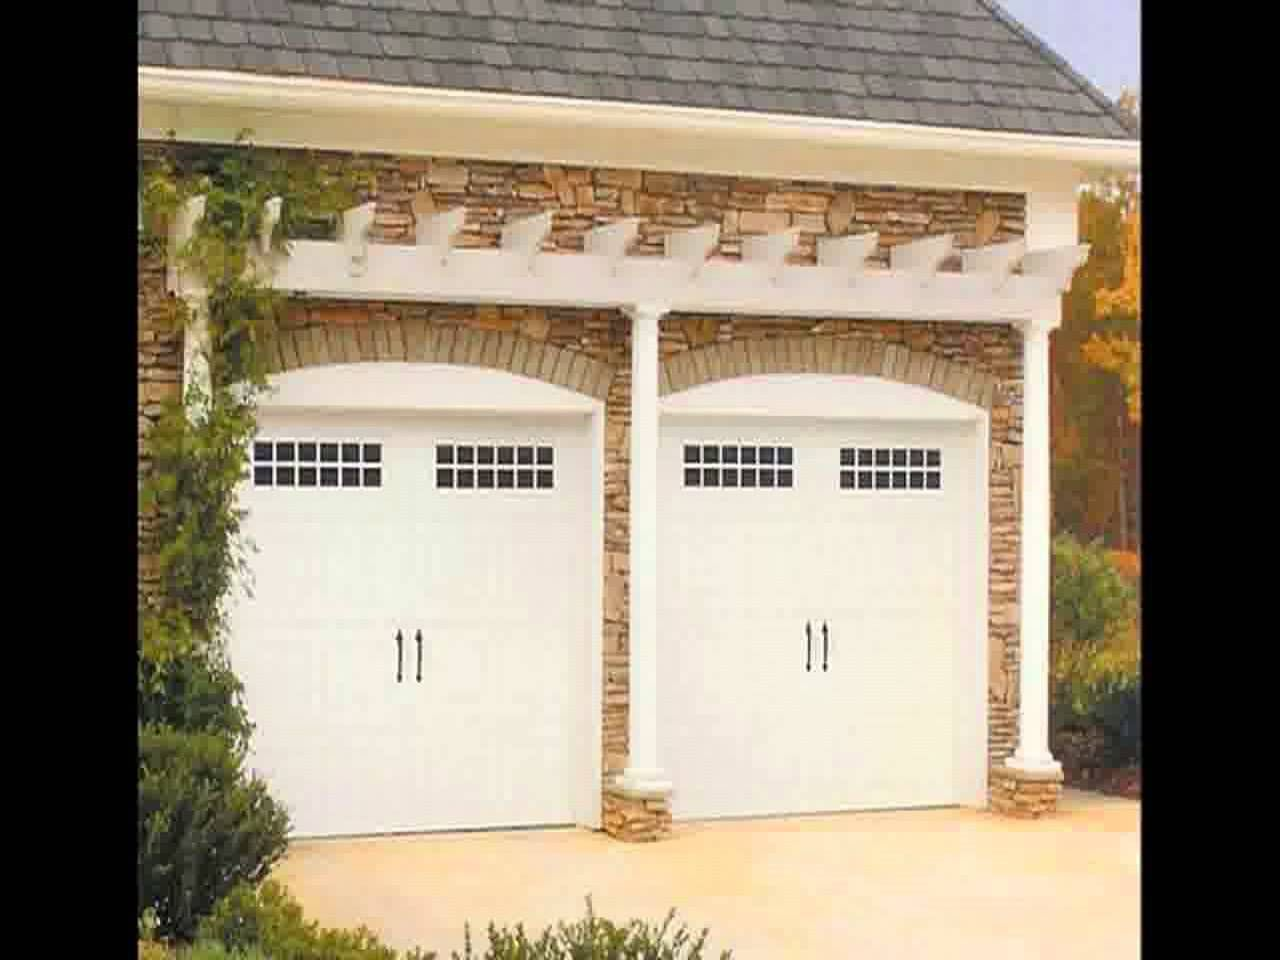 Cheap Garage Decor Ideas Custom Garage Decor 88291723 Luxury Garage Ideas How To Change Your Garage To M Garage Design Interior Luxury Garage Garage Remodel